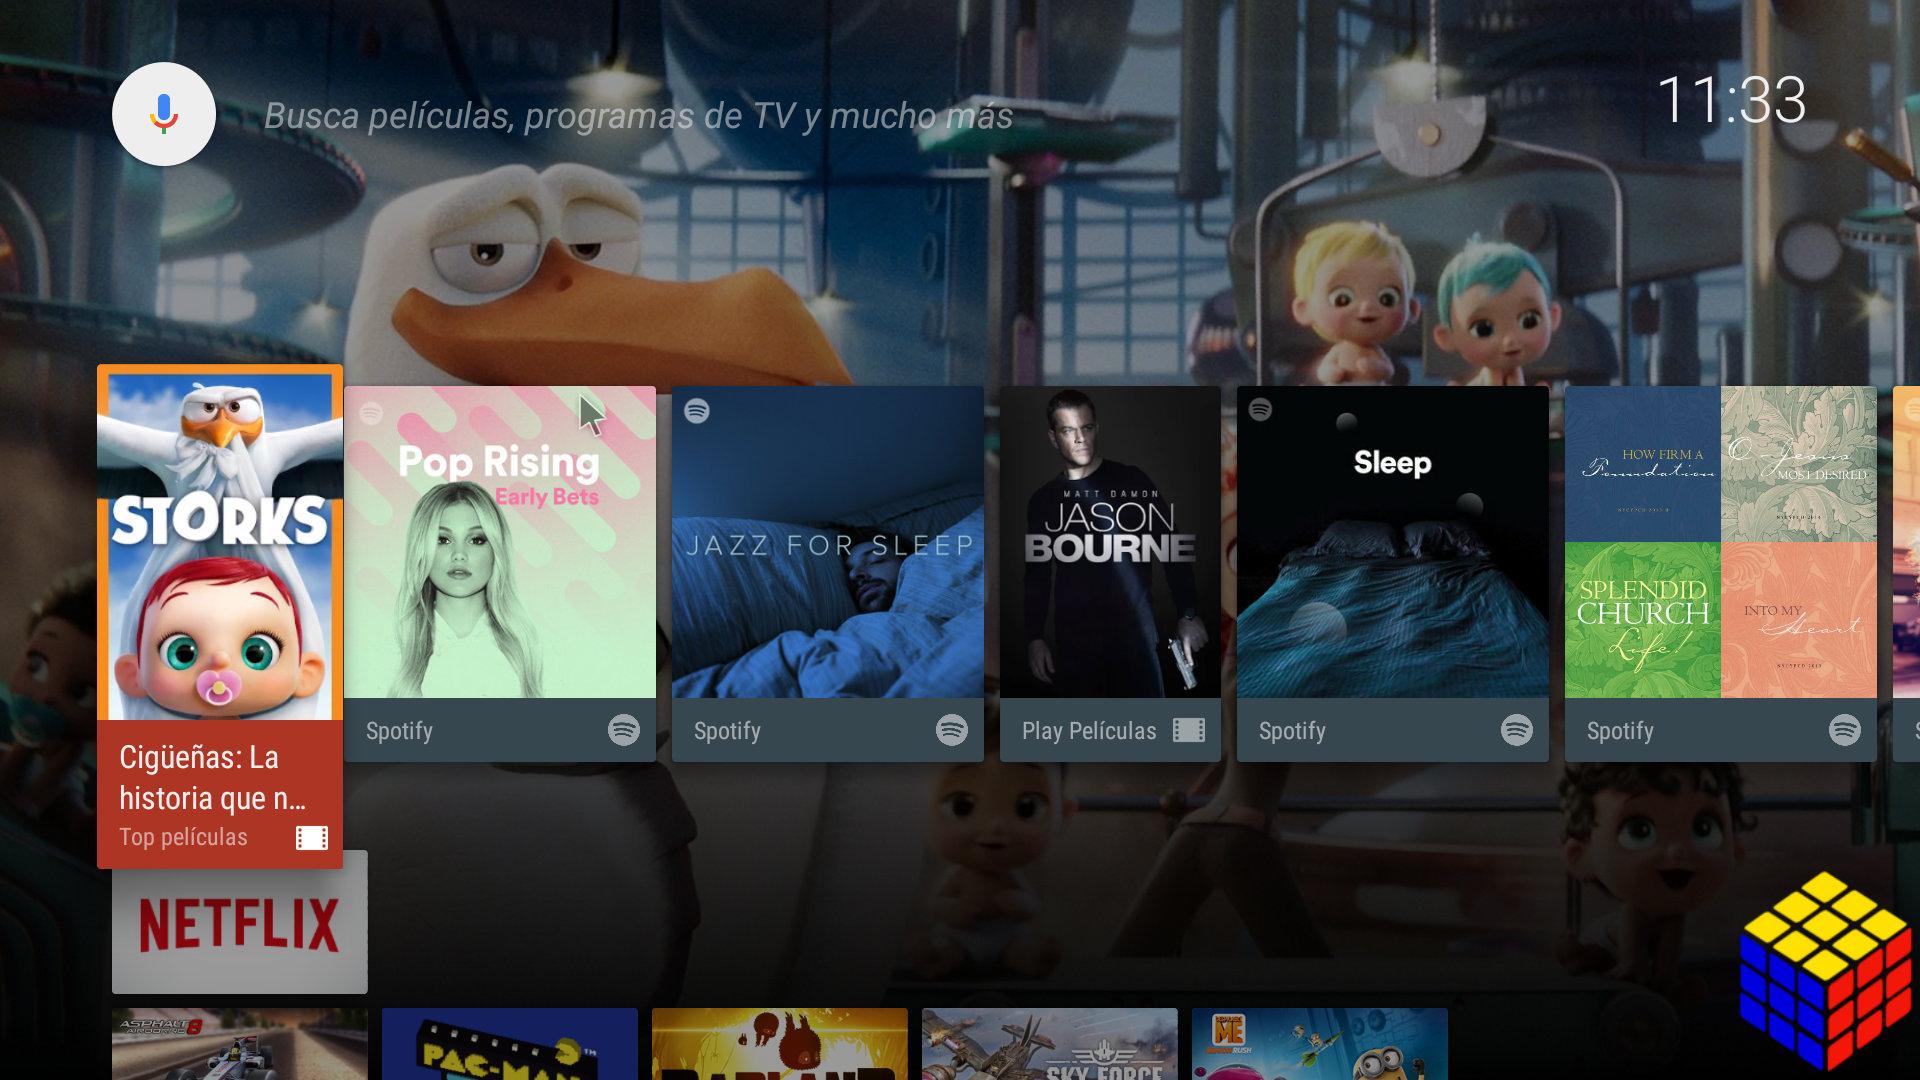 Un sencillo truco para lograr instalar casi cualquier aplicación en tu Android TV